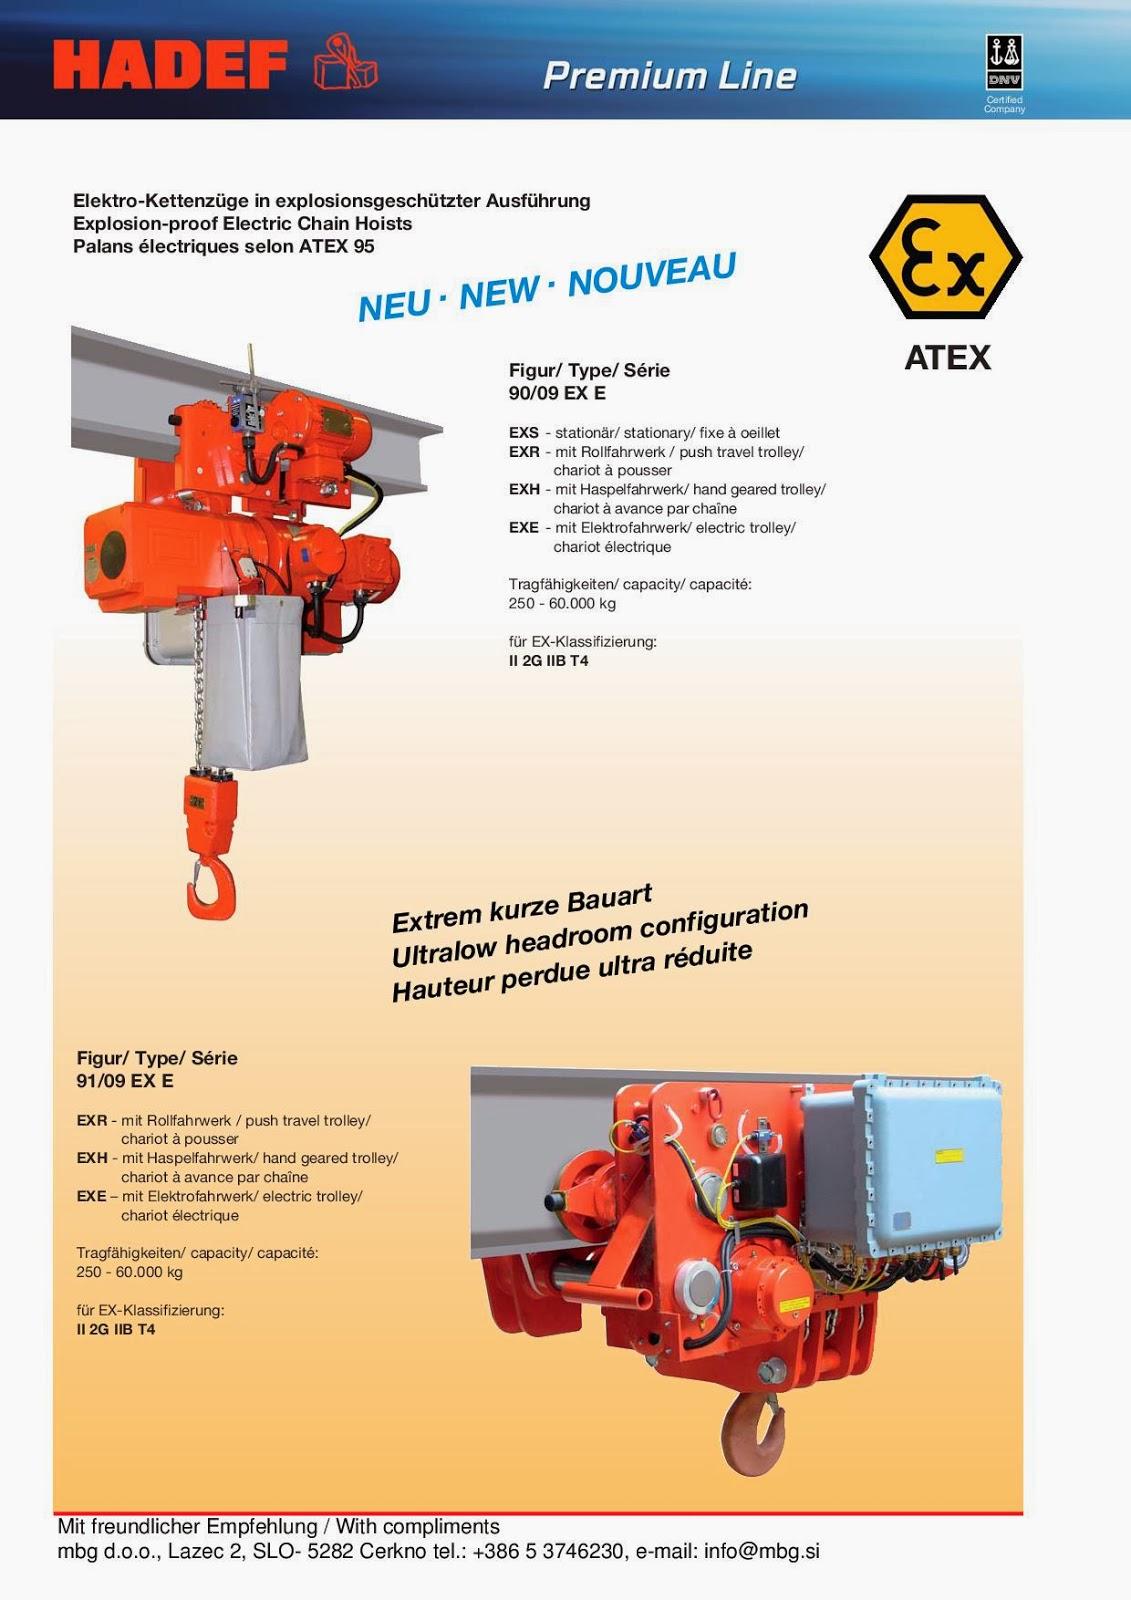 Elektro-Kettenzug / Electric Chain Hoist / Palan Electrique à chaîne - 12